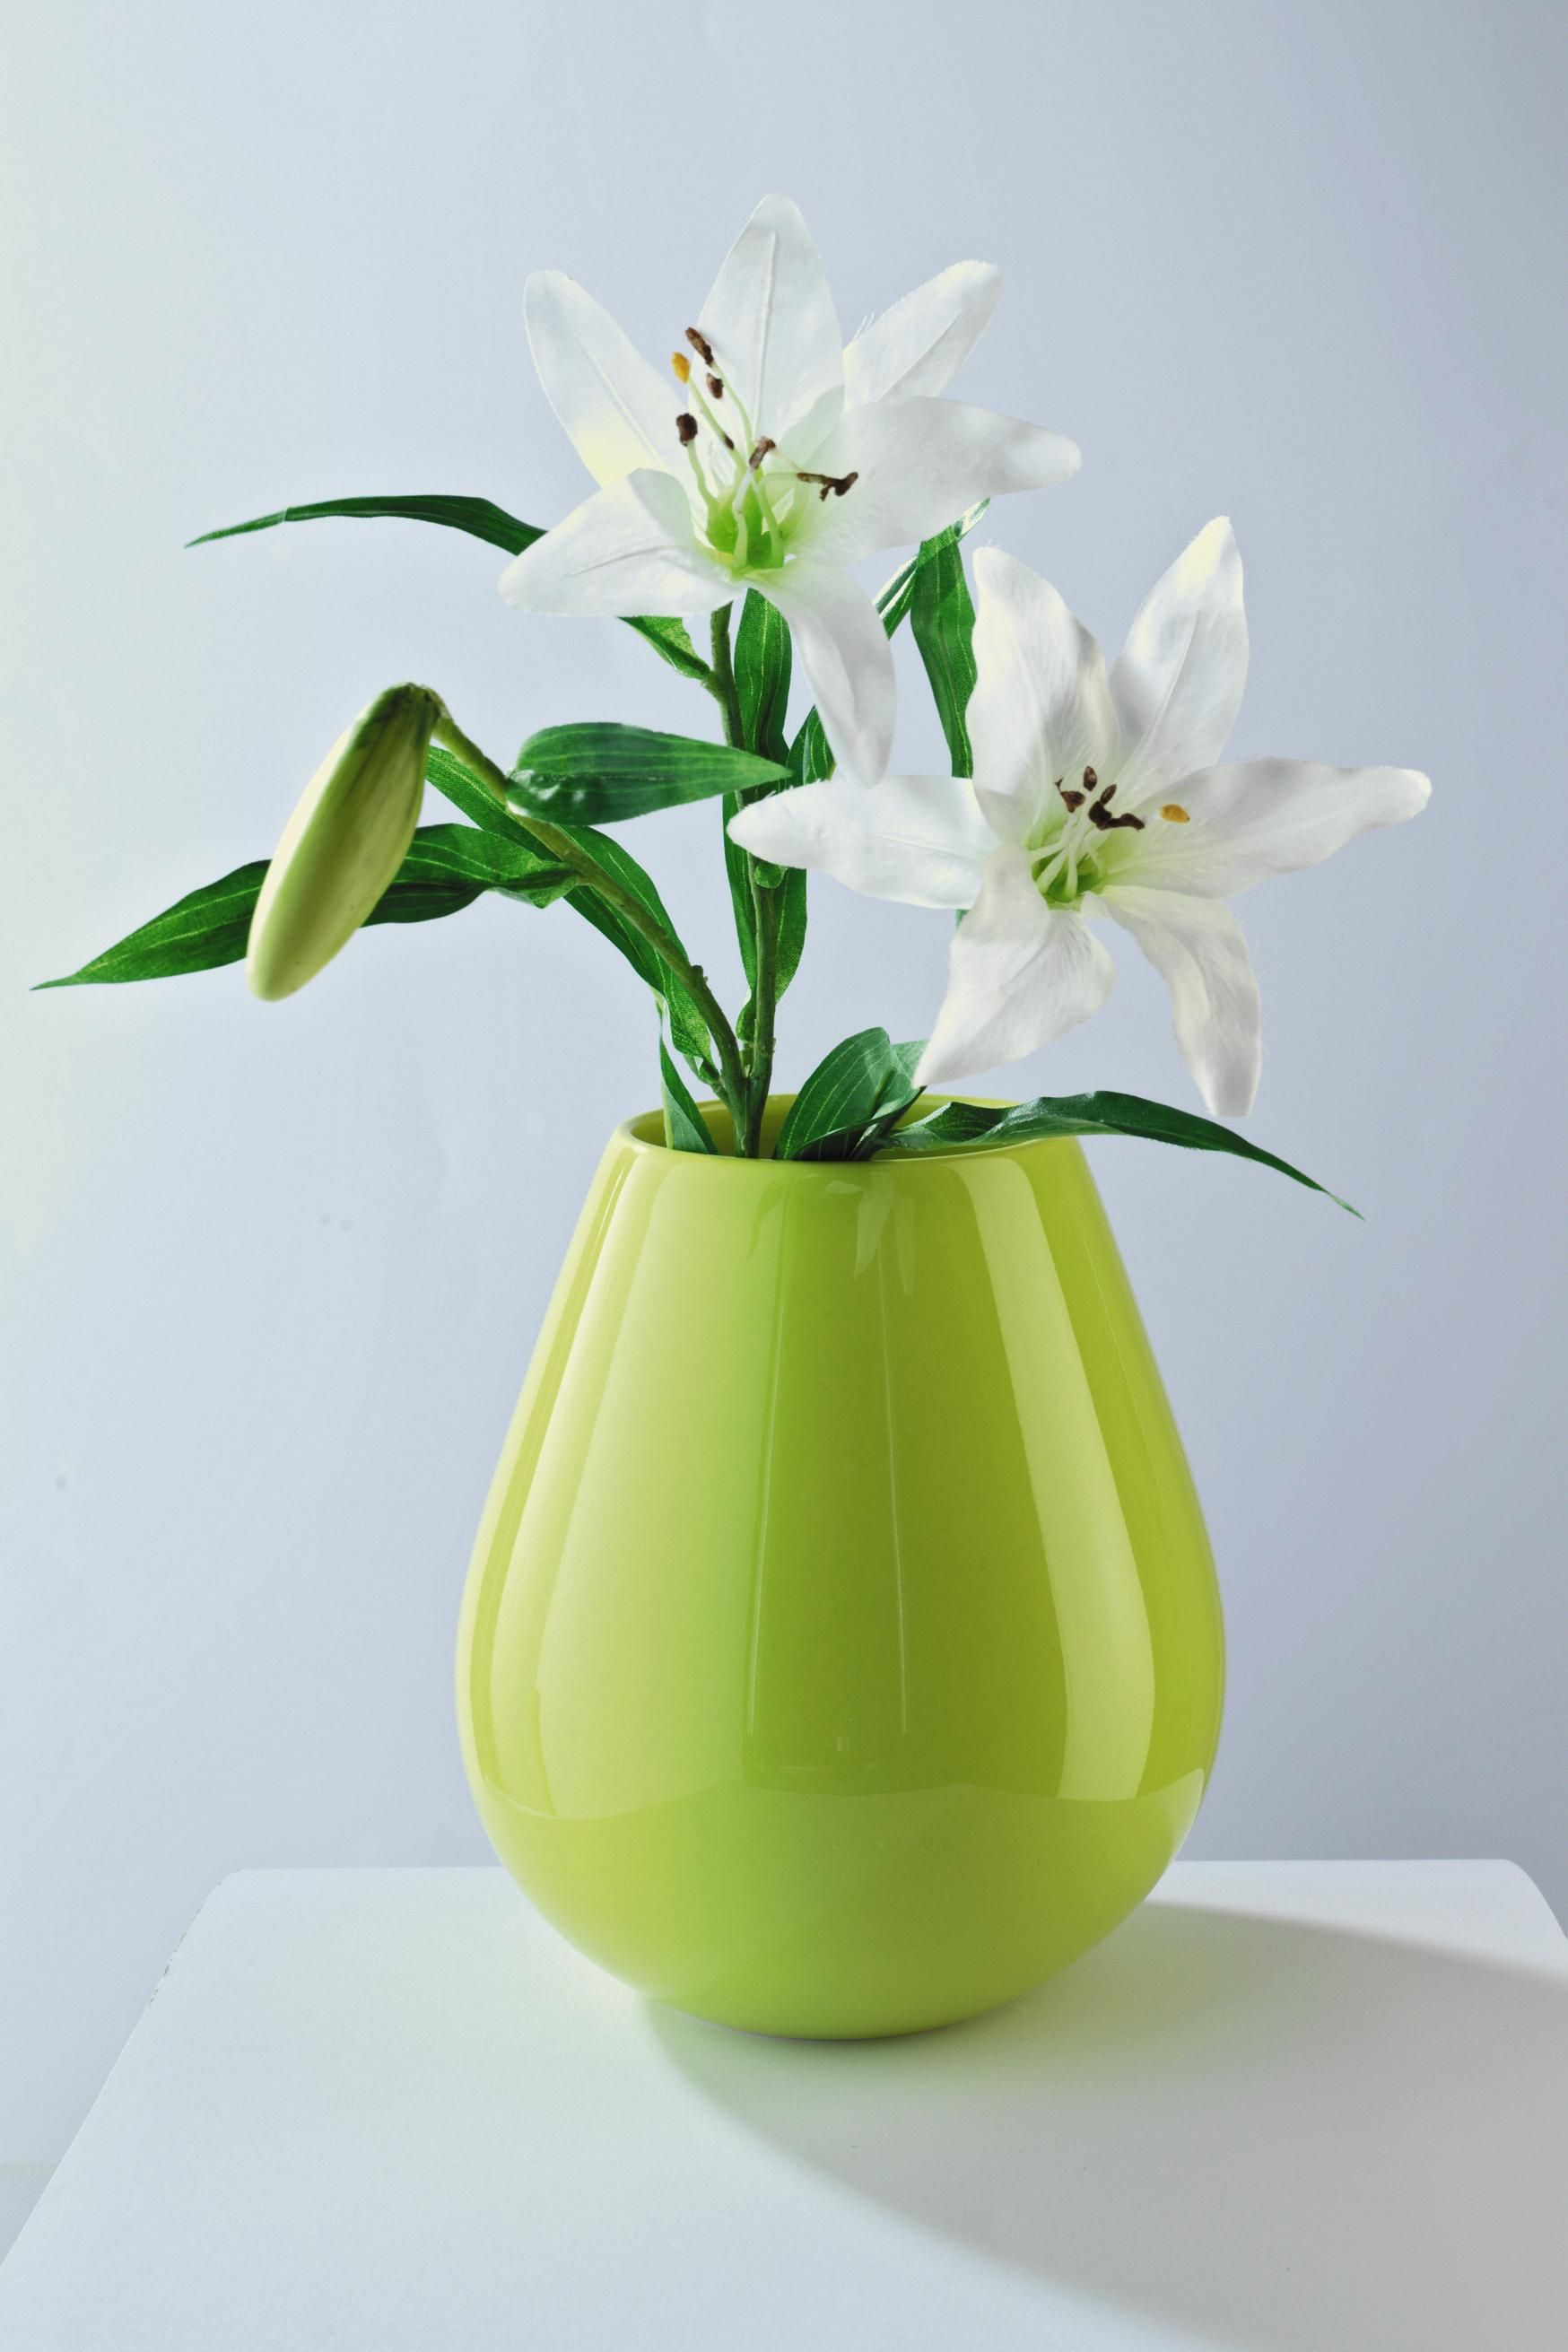 Wir vollen Frische! Mit dieser tollen Vase in zartem Grün, bringt ihr einen dezenten Farbklecks in eure vier Wände!